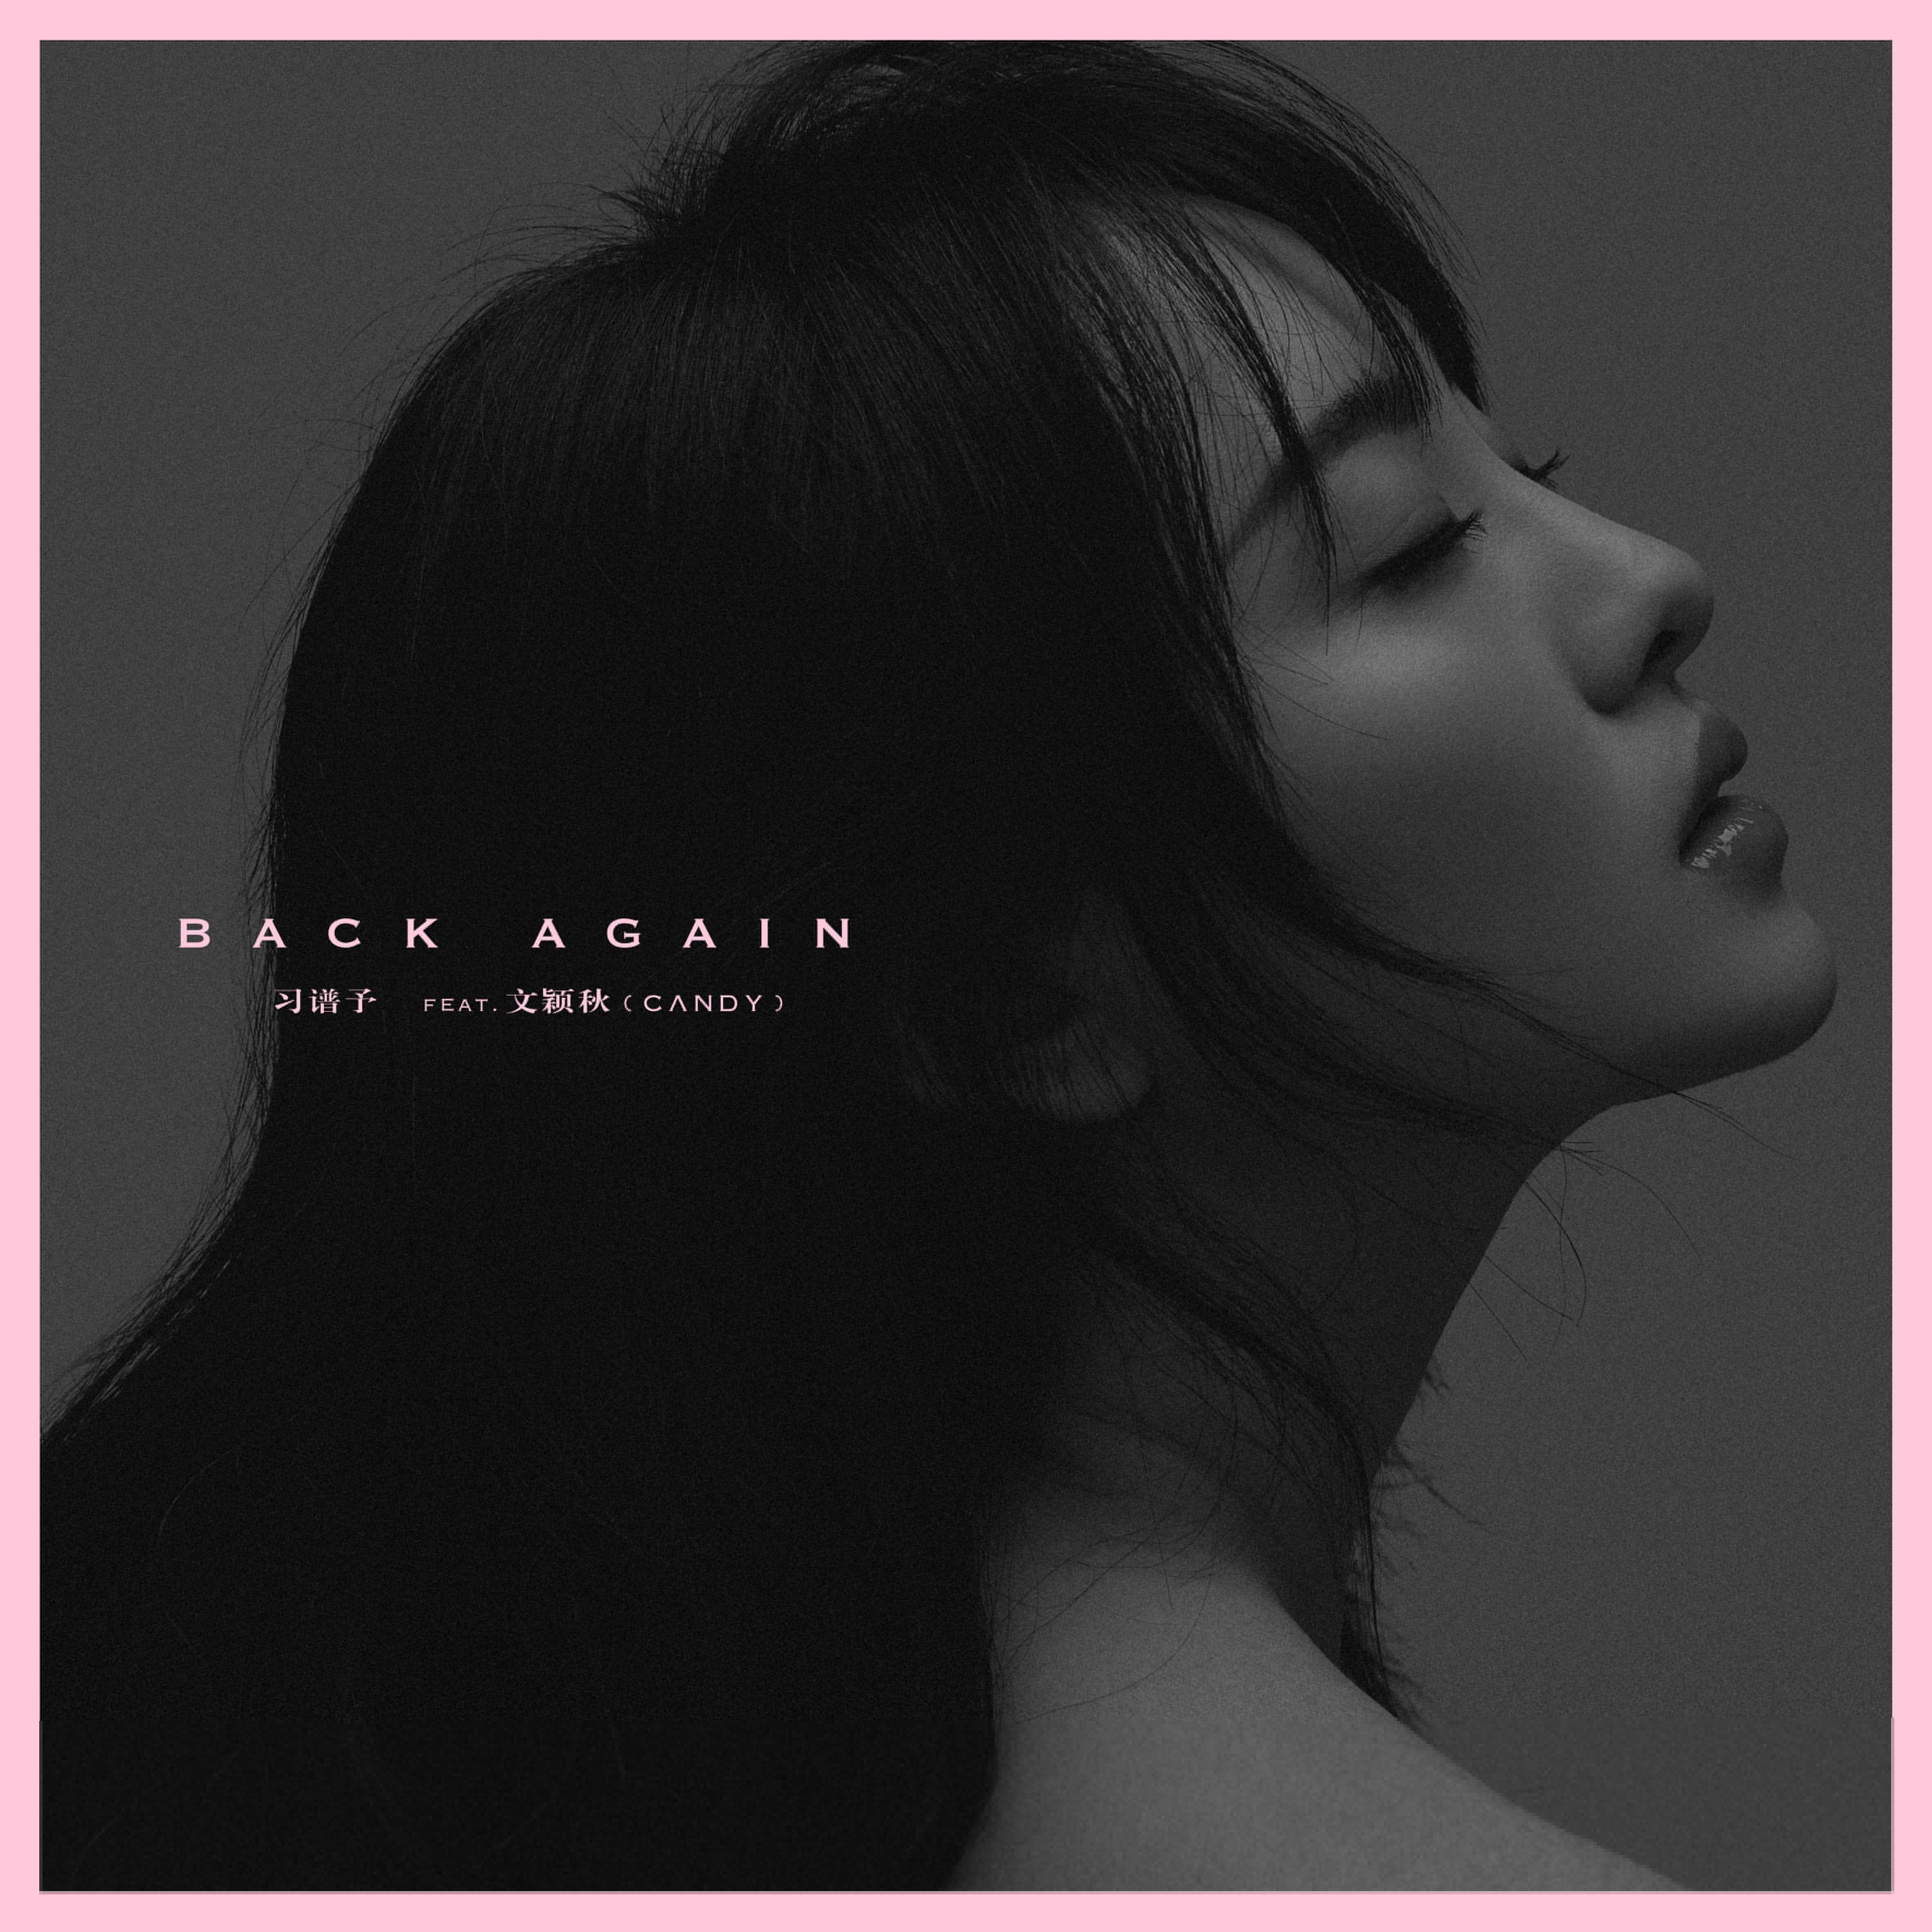 习谱予转型原创音乐人 全新原创歌曲《Back Again》今发布